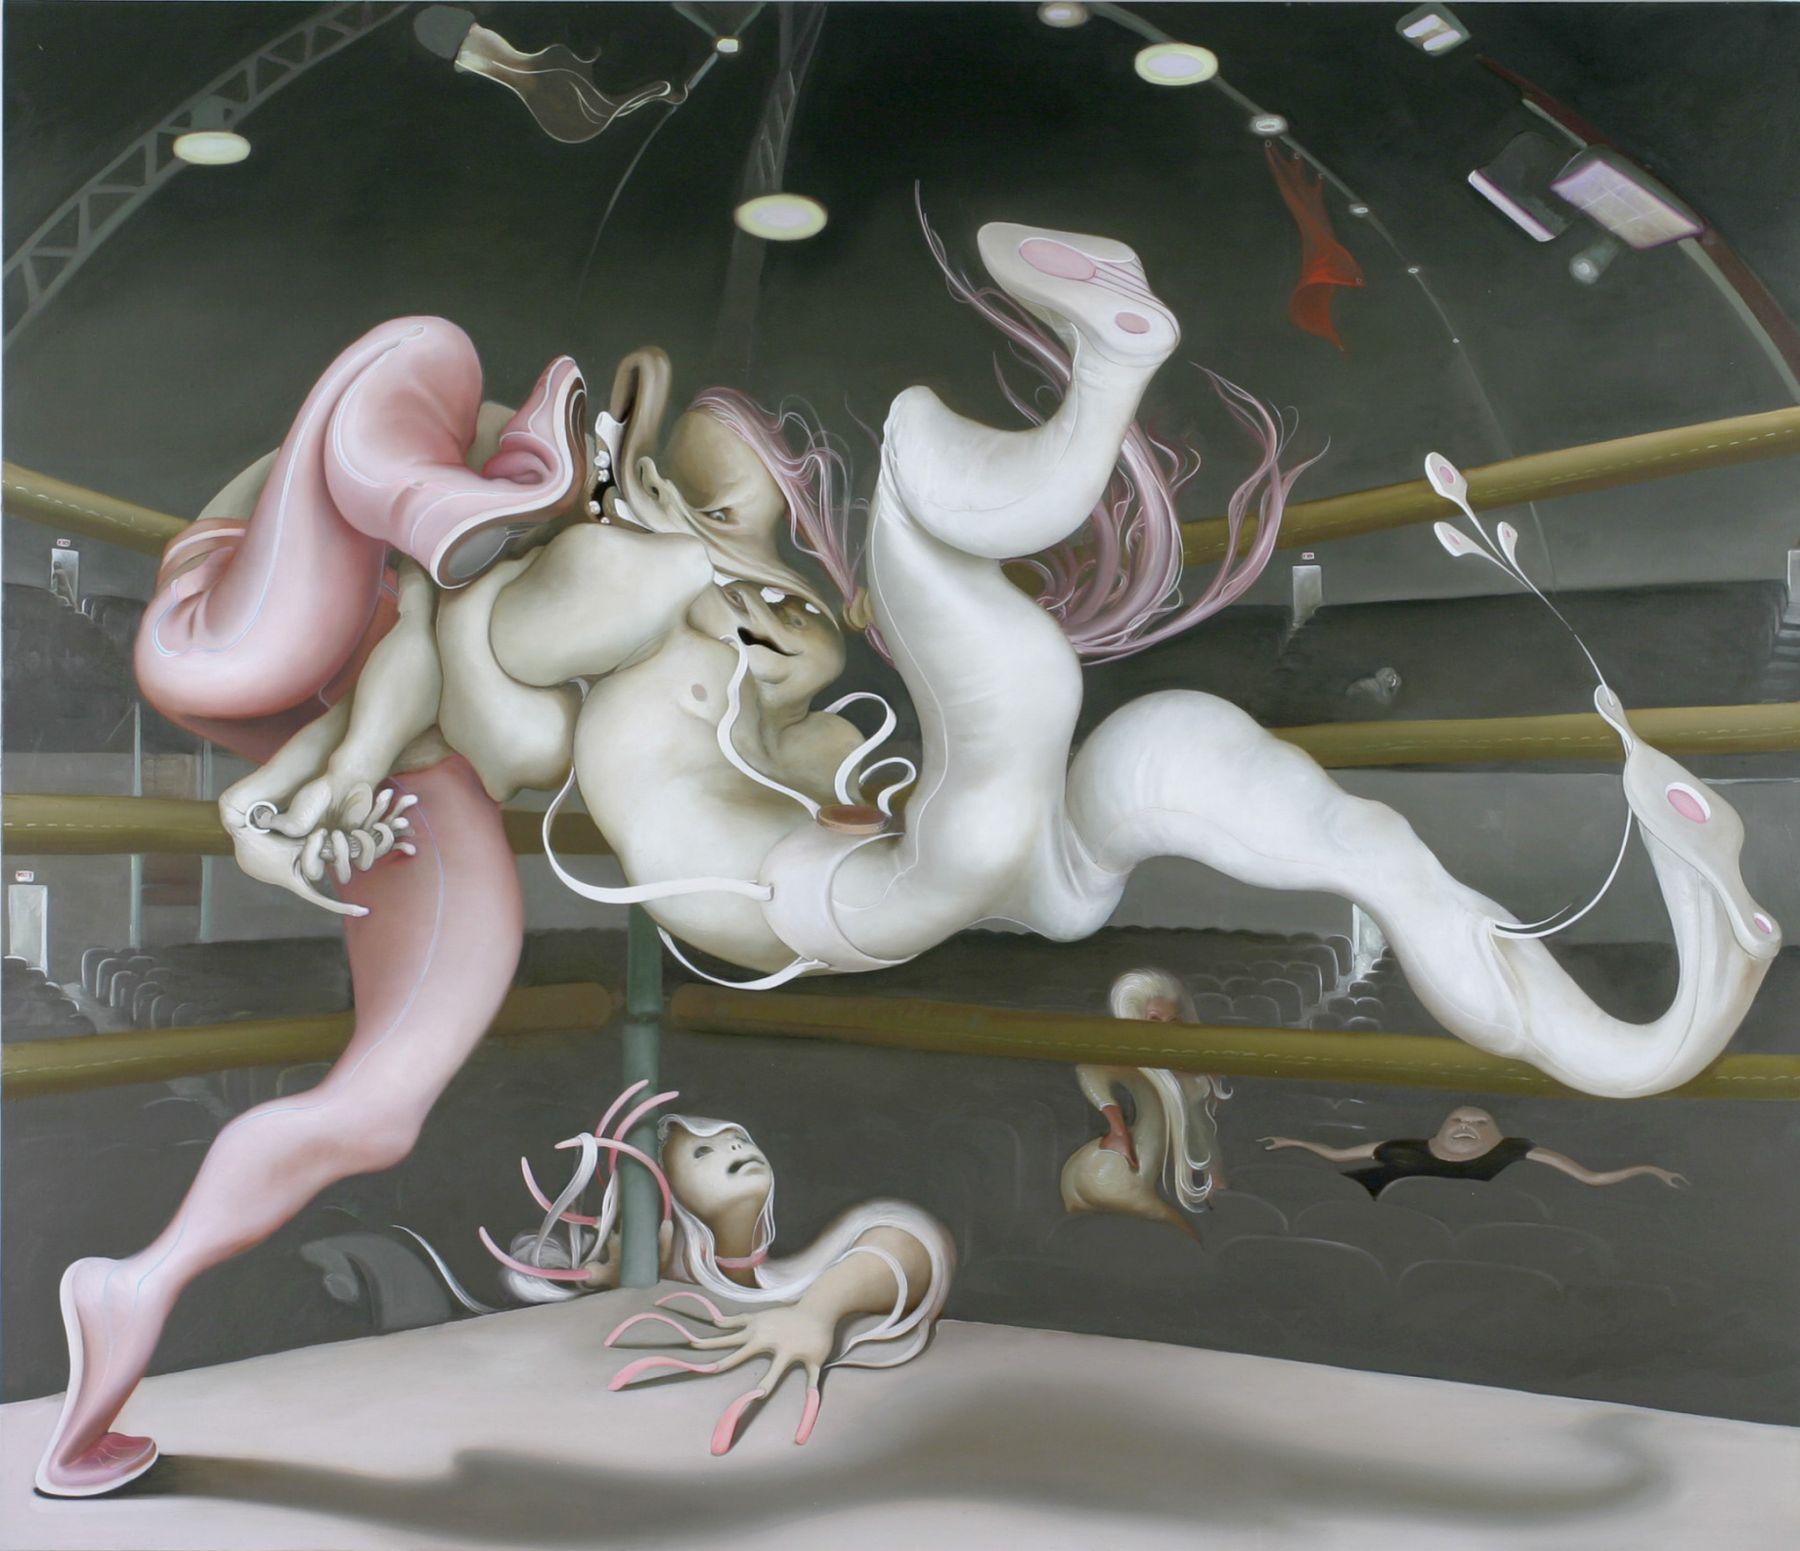 Inka Essenhigh, Wrestlers, 2005